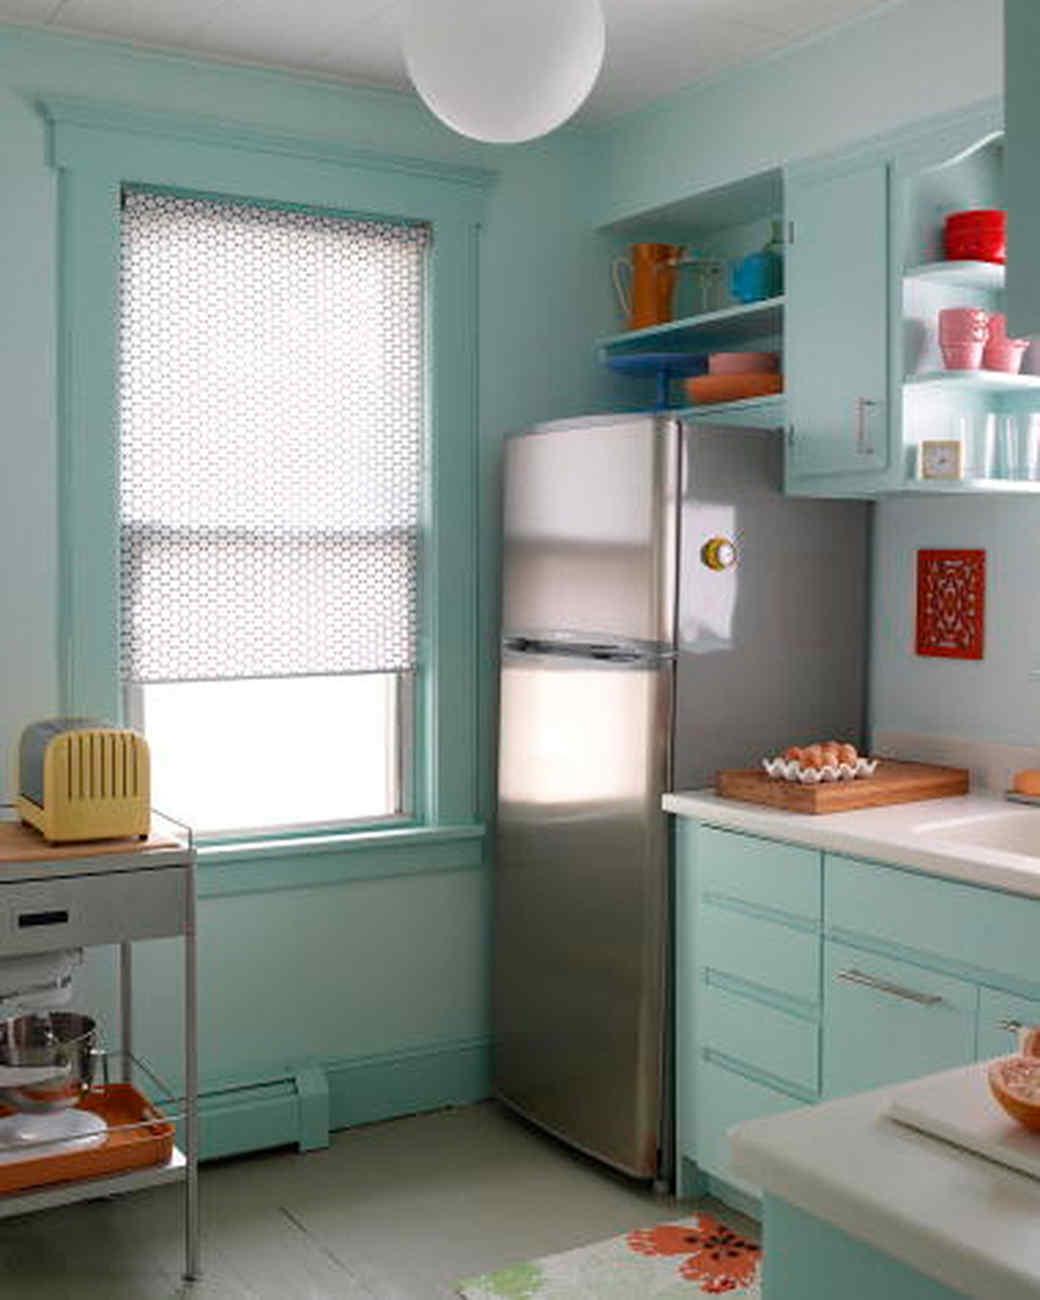 Martha Stewart Paint Ideas Kitchen: A Kitchen Makeover On A Budget